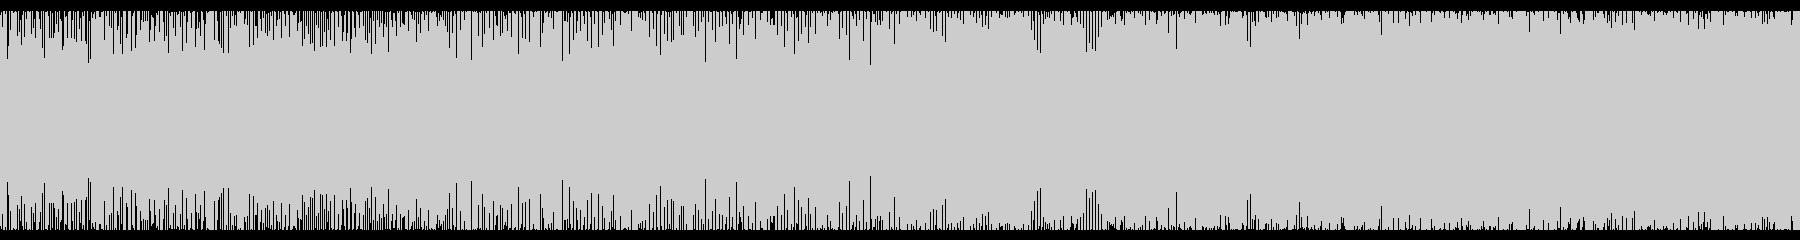 【ゲーム】雄大・大地・テクノ【ループ】の未再生の波形